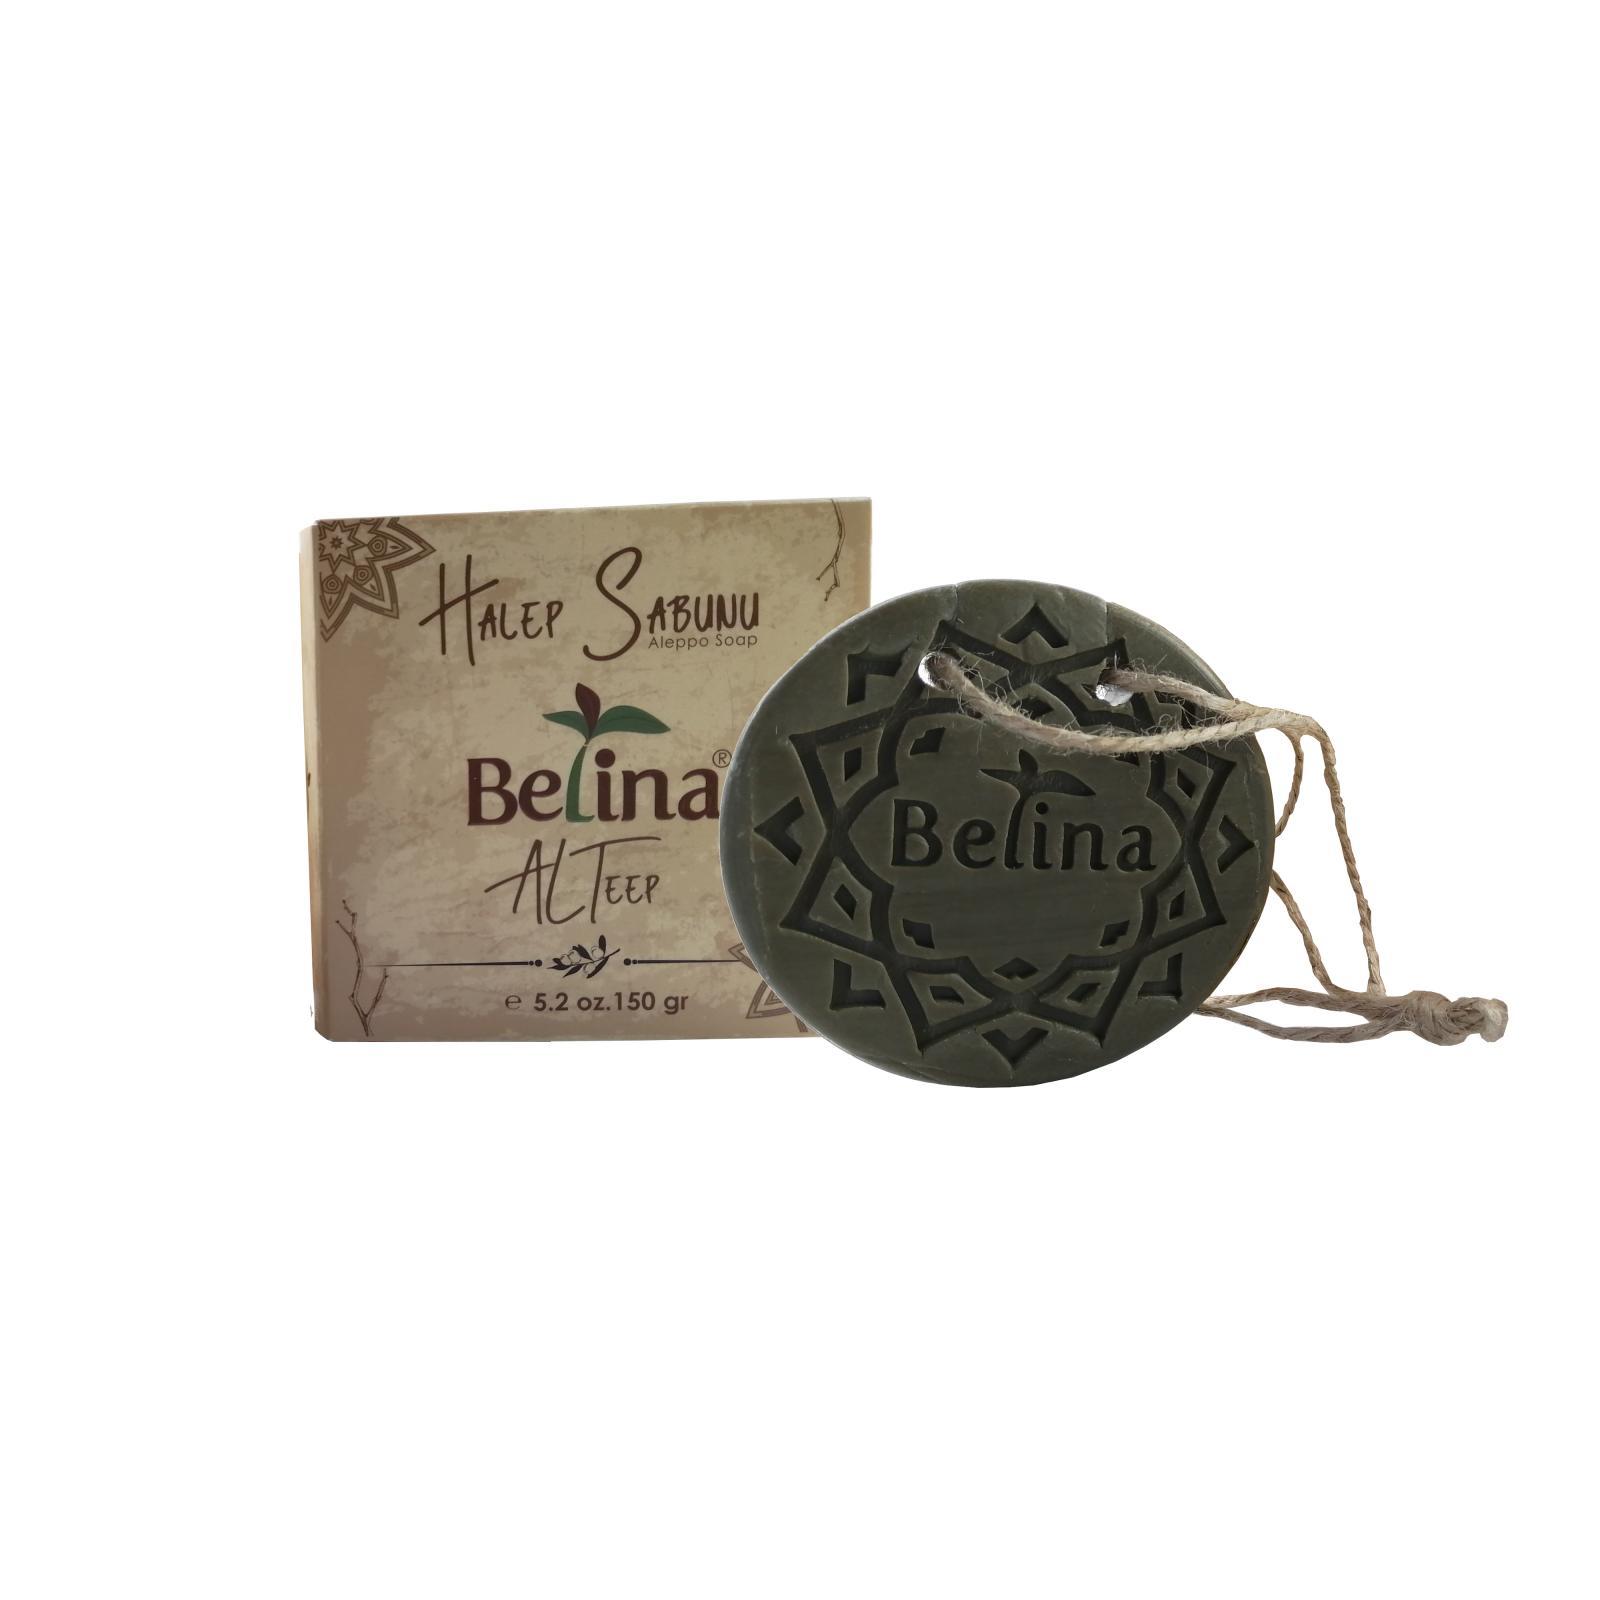 Belina Aleppské mýdlo kulaté, Al Teep 150 g